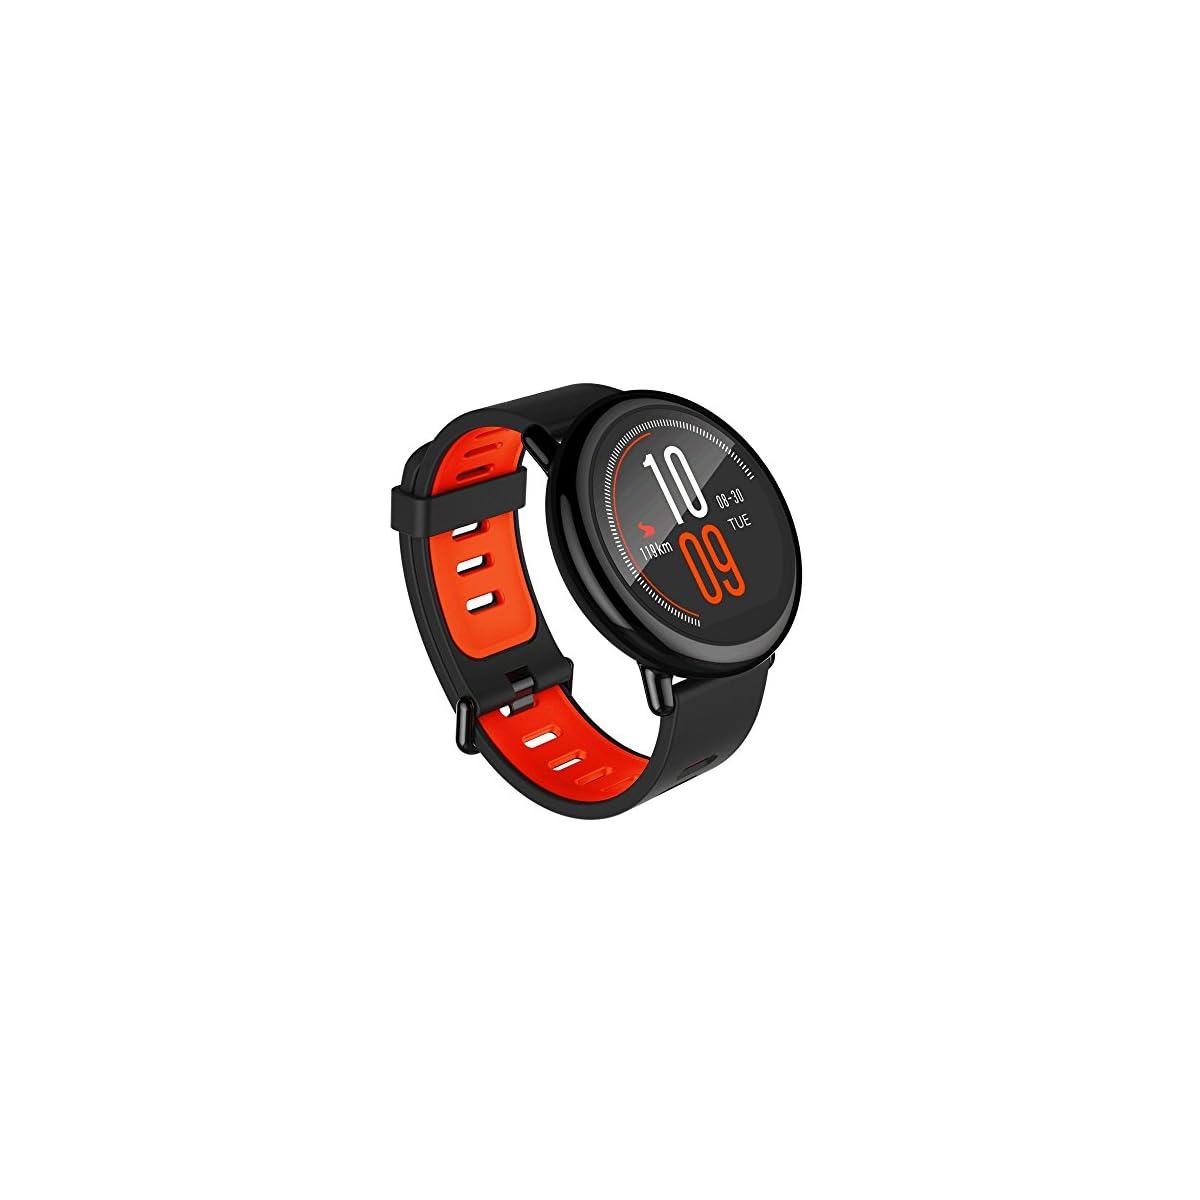 515inZBMPrL. SS1200  - Amazfit Pace Black Pulsera Inteligente con Ritmo Cardíaco y GPS, Negro